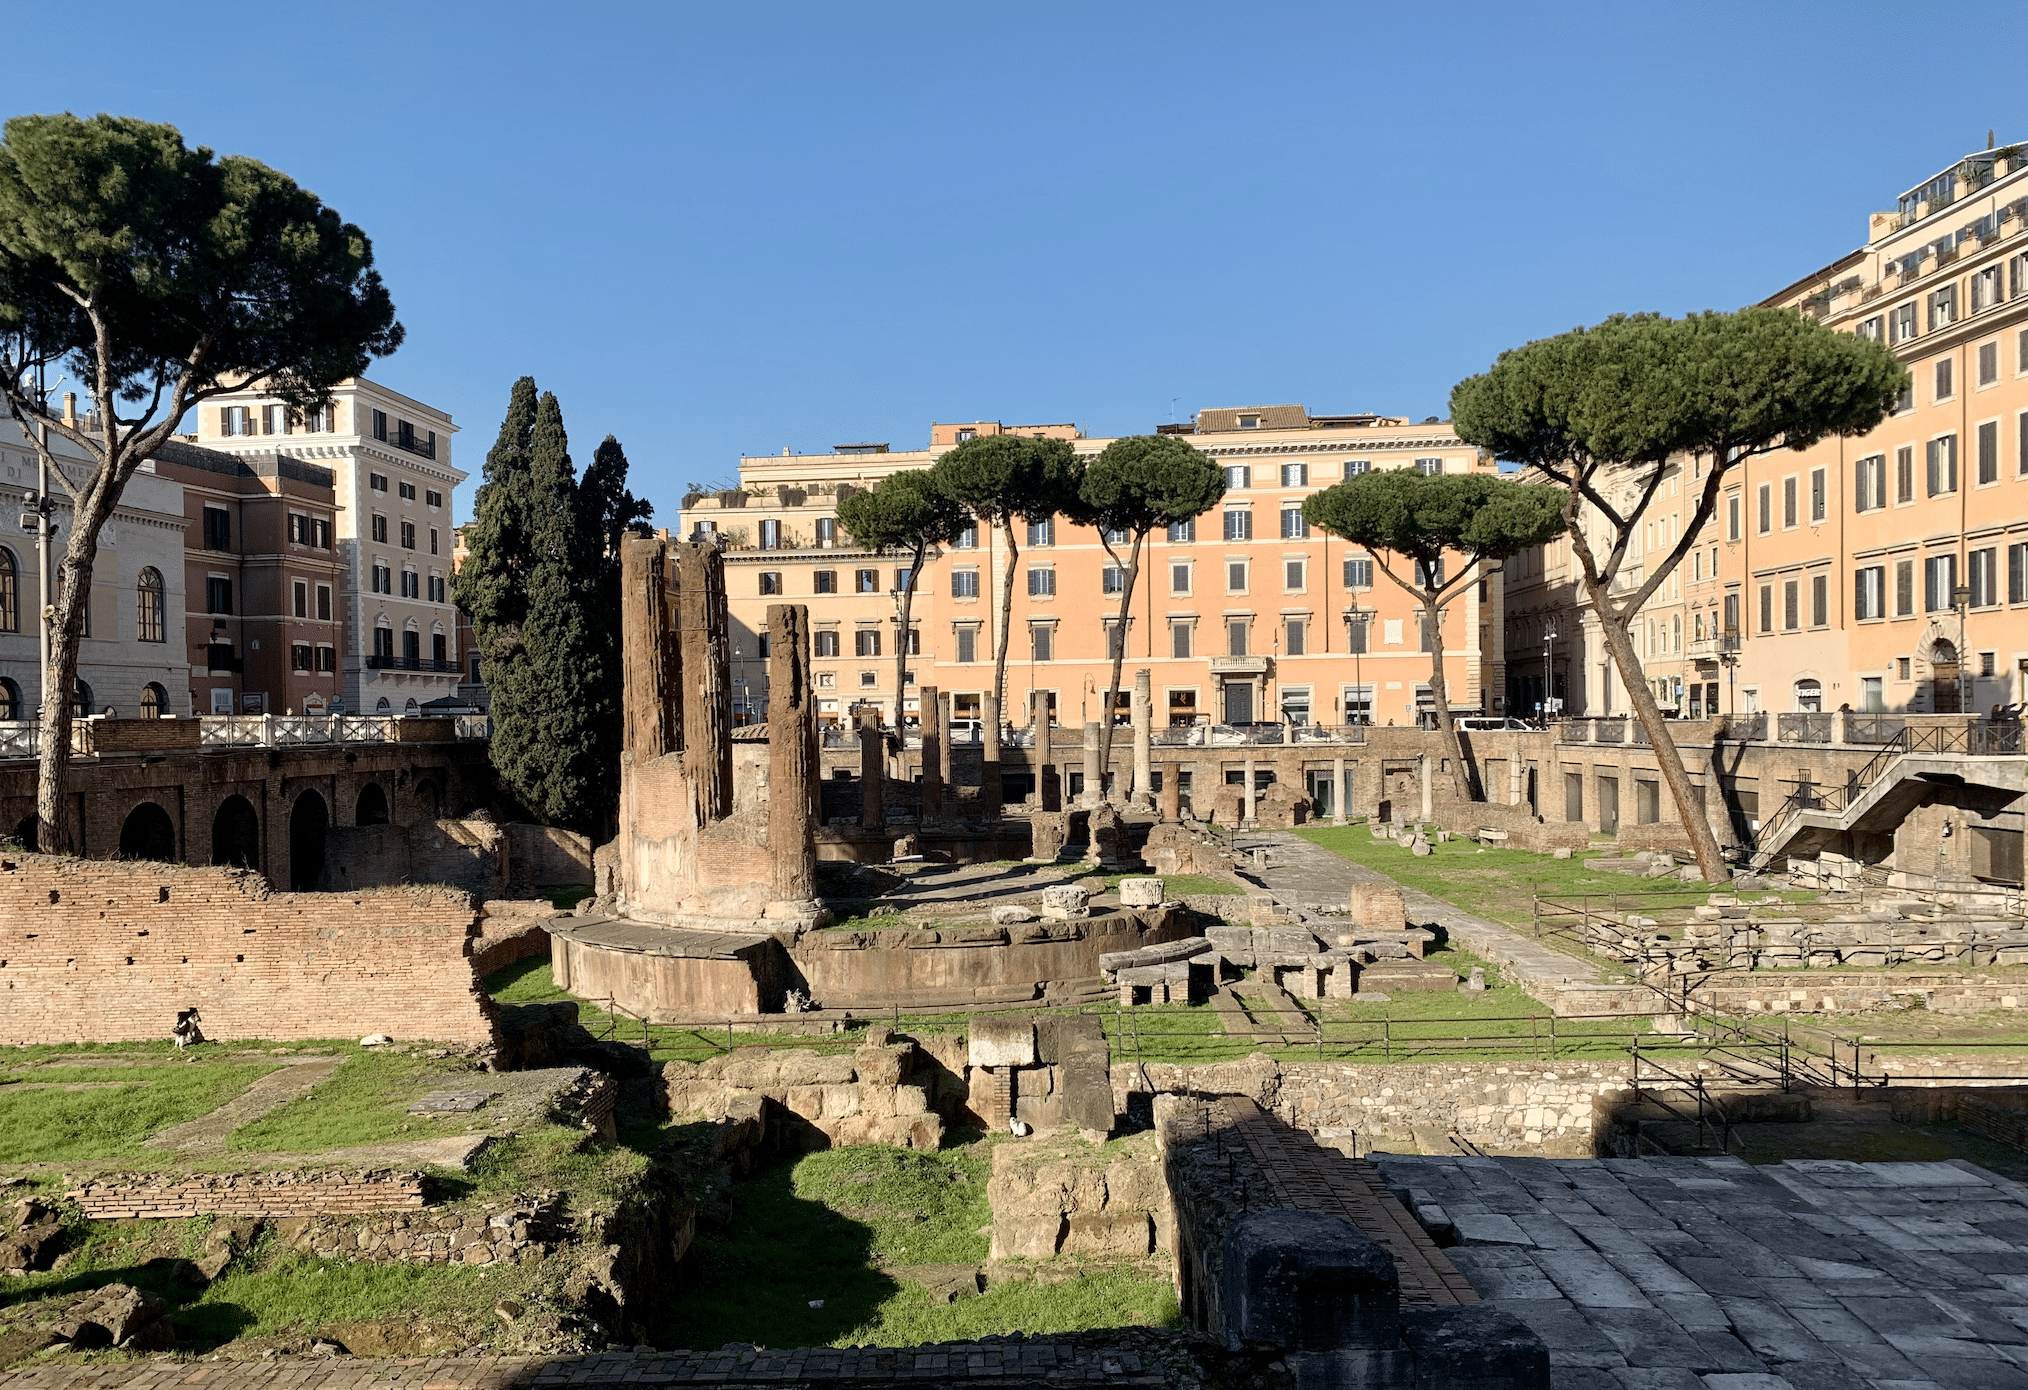 visiter rome : le largo di torre argentina